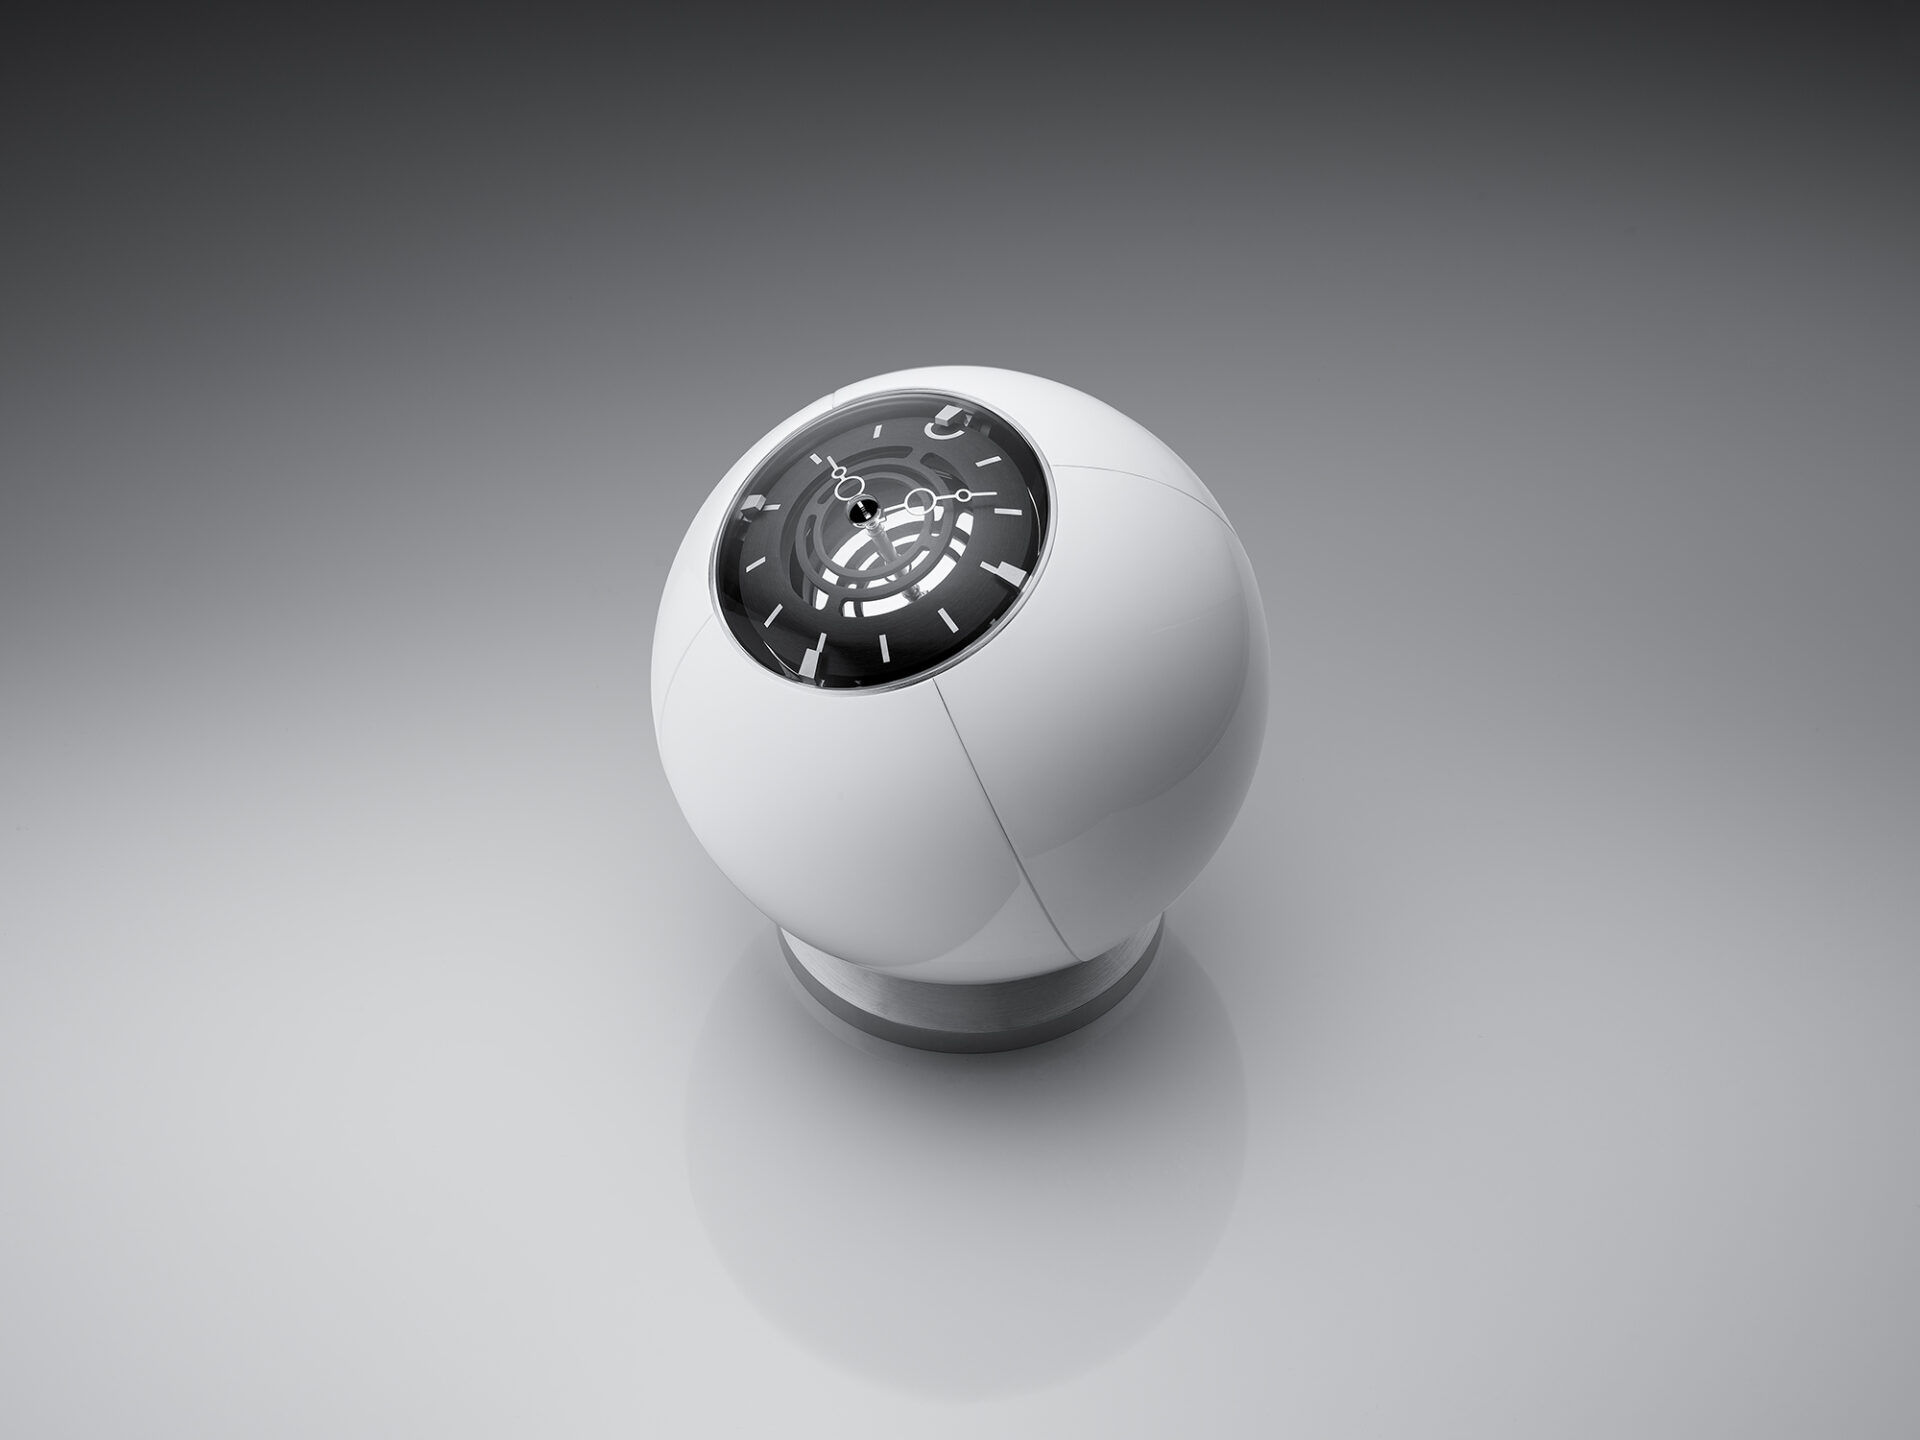 el reloj en su posición cerrada